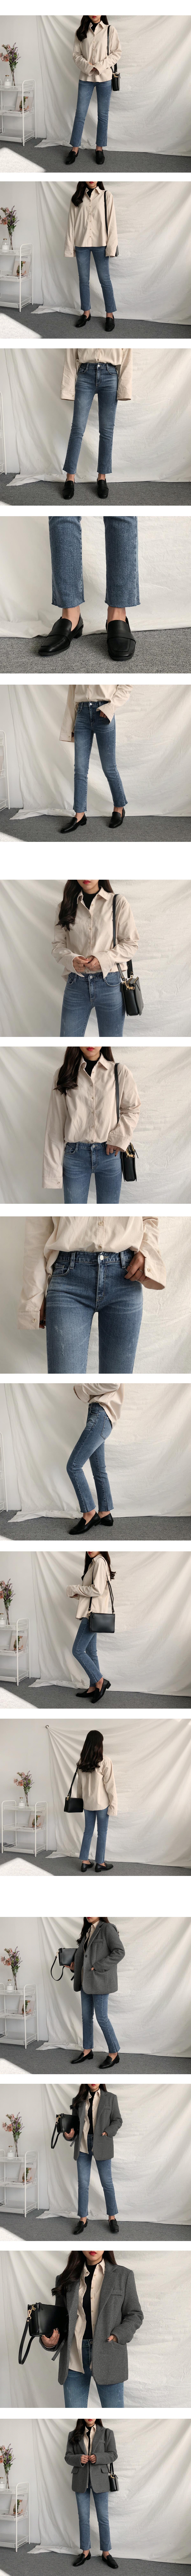 Floridian pants